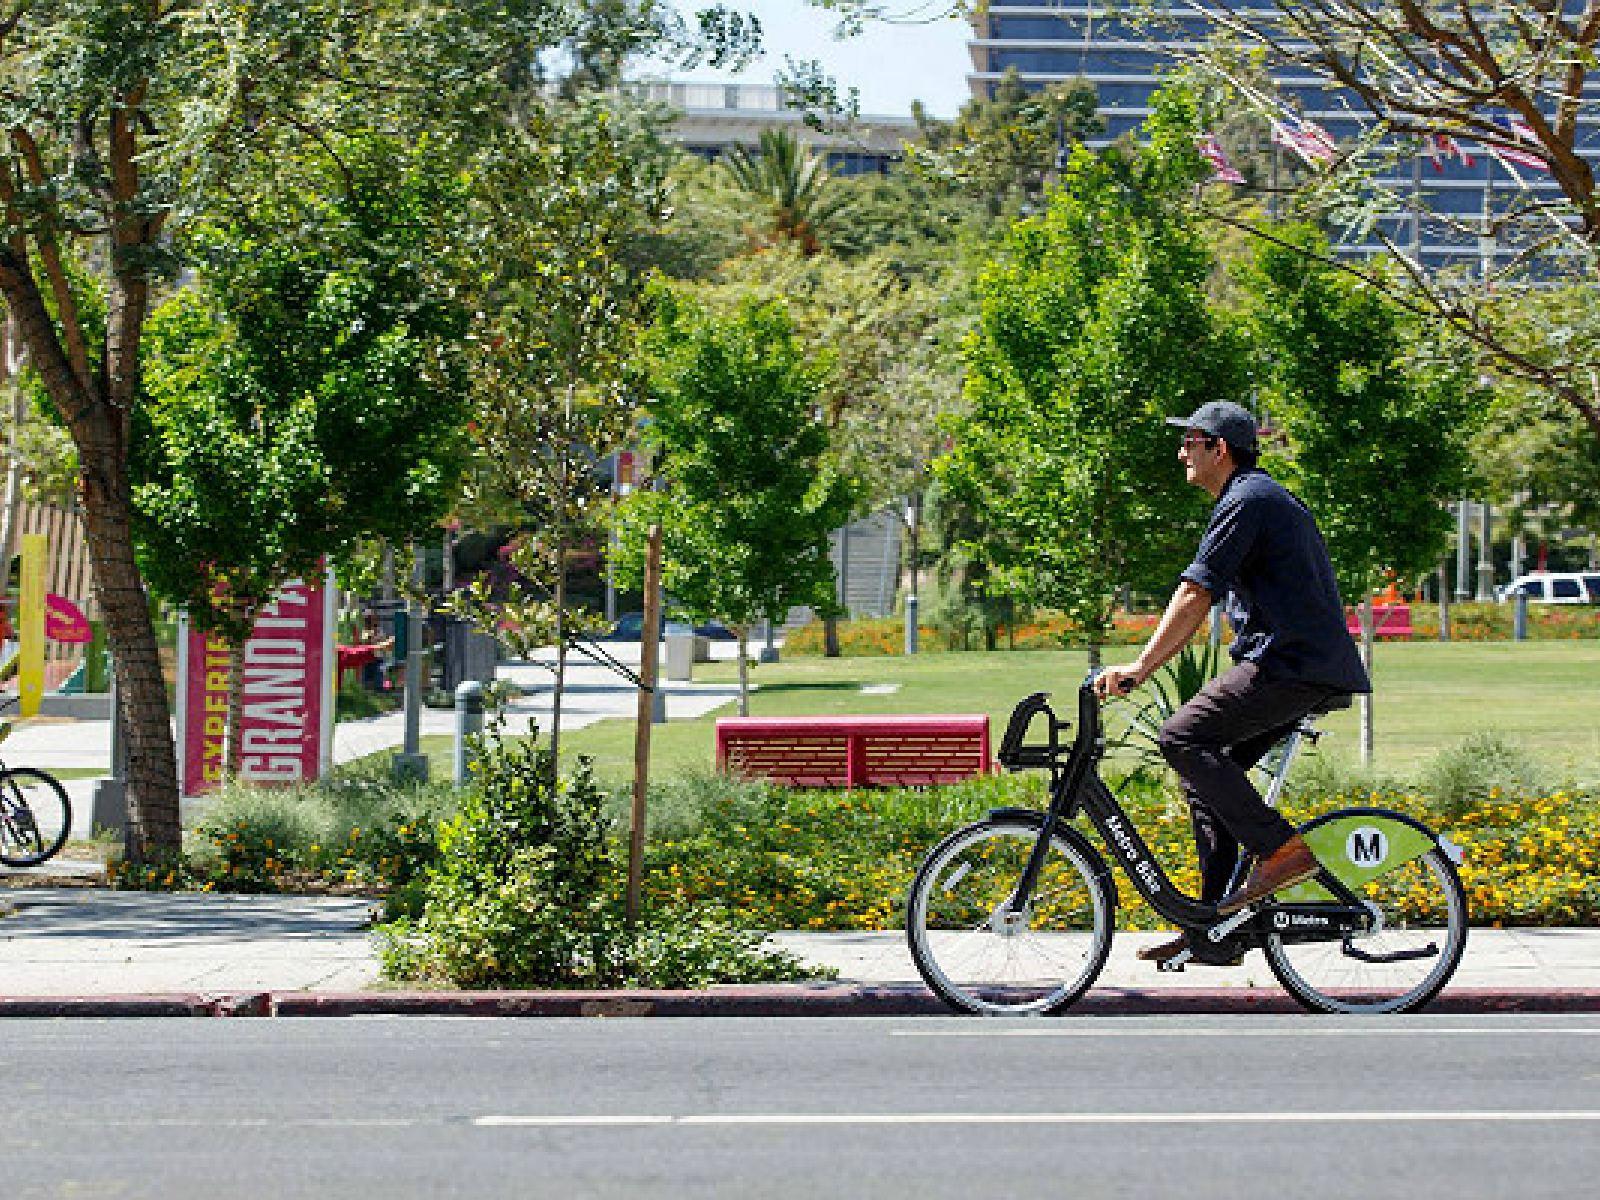 Main image for article titled Descubre Los Ángeles en Bicicleta: Metro Bike Share en el Centro de L.A.